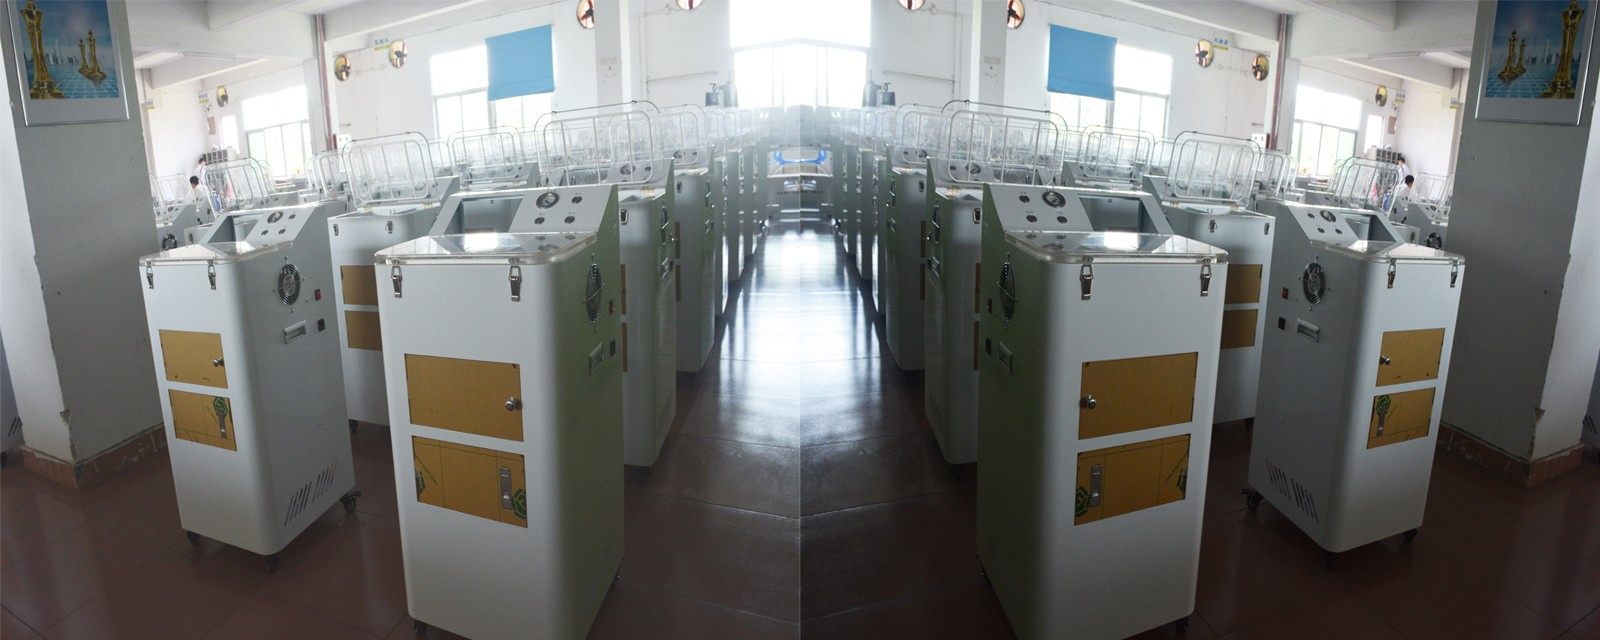 生产车间|手机真空防水镀膜机生产车间-东莞市兴族(纳米科技)实业有限公司